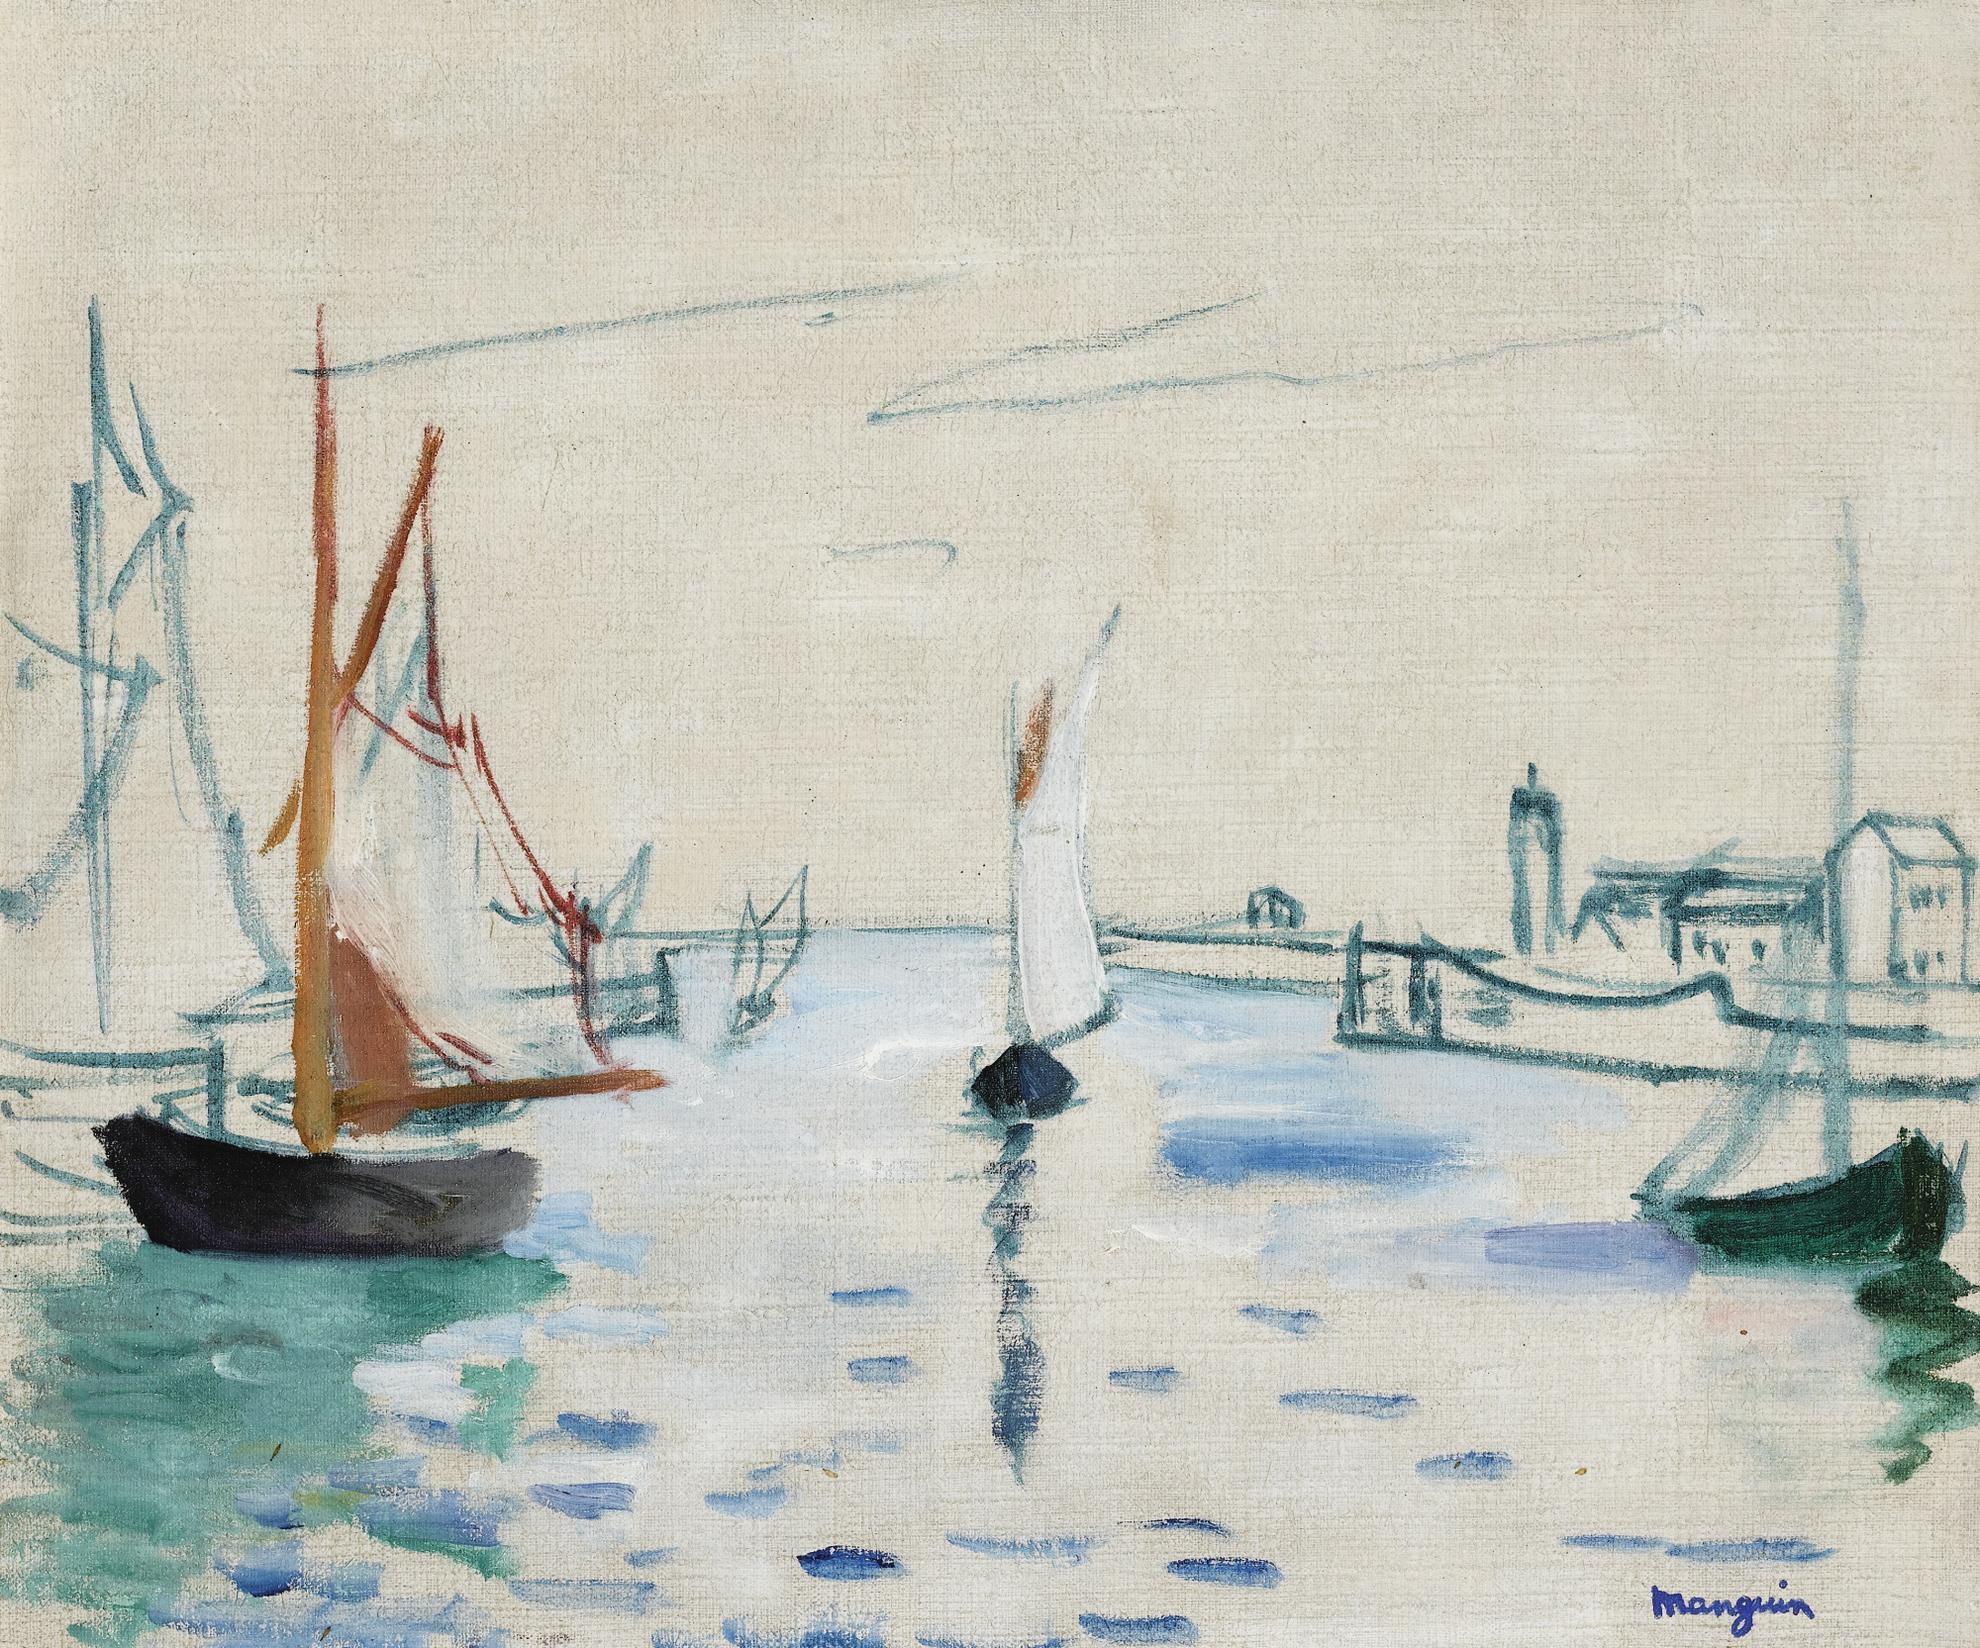 Henri Charles Manguin-Honfleur, Le Petit Port-1924